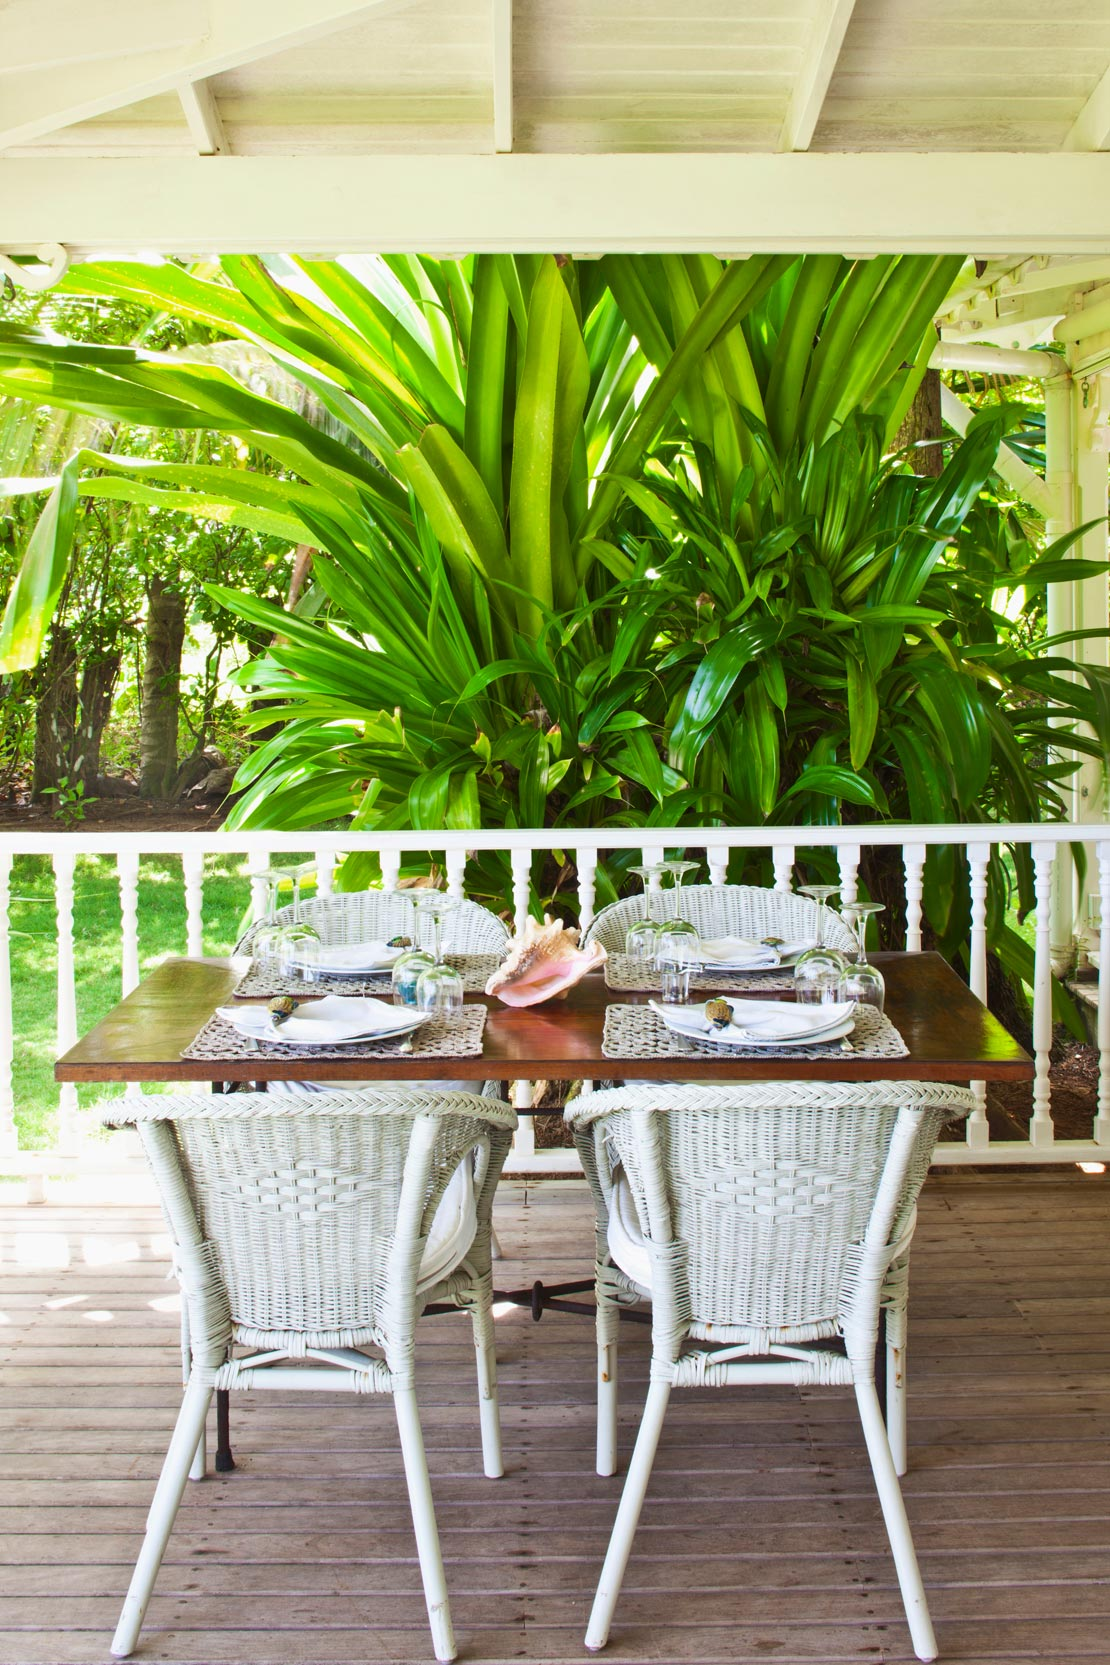 westwing-luxus-karibik-flair-terrasse-mit-weißen-stuehlen